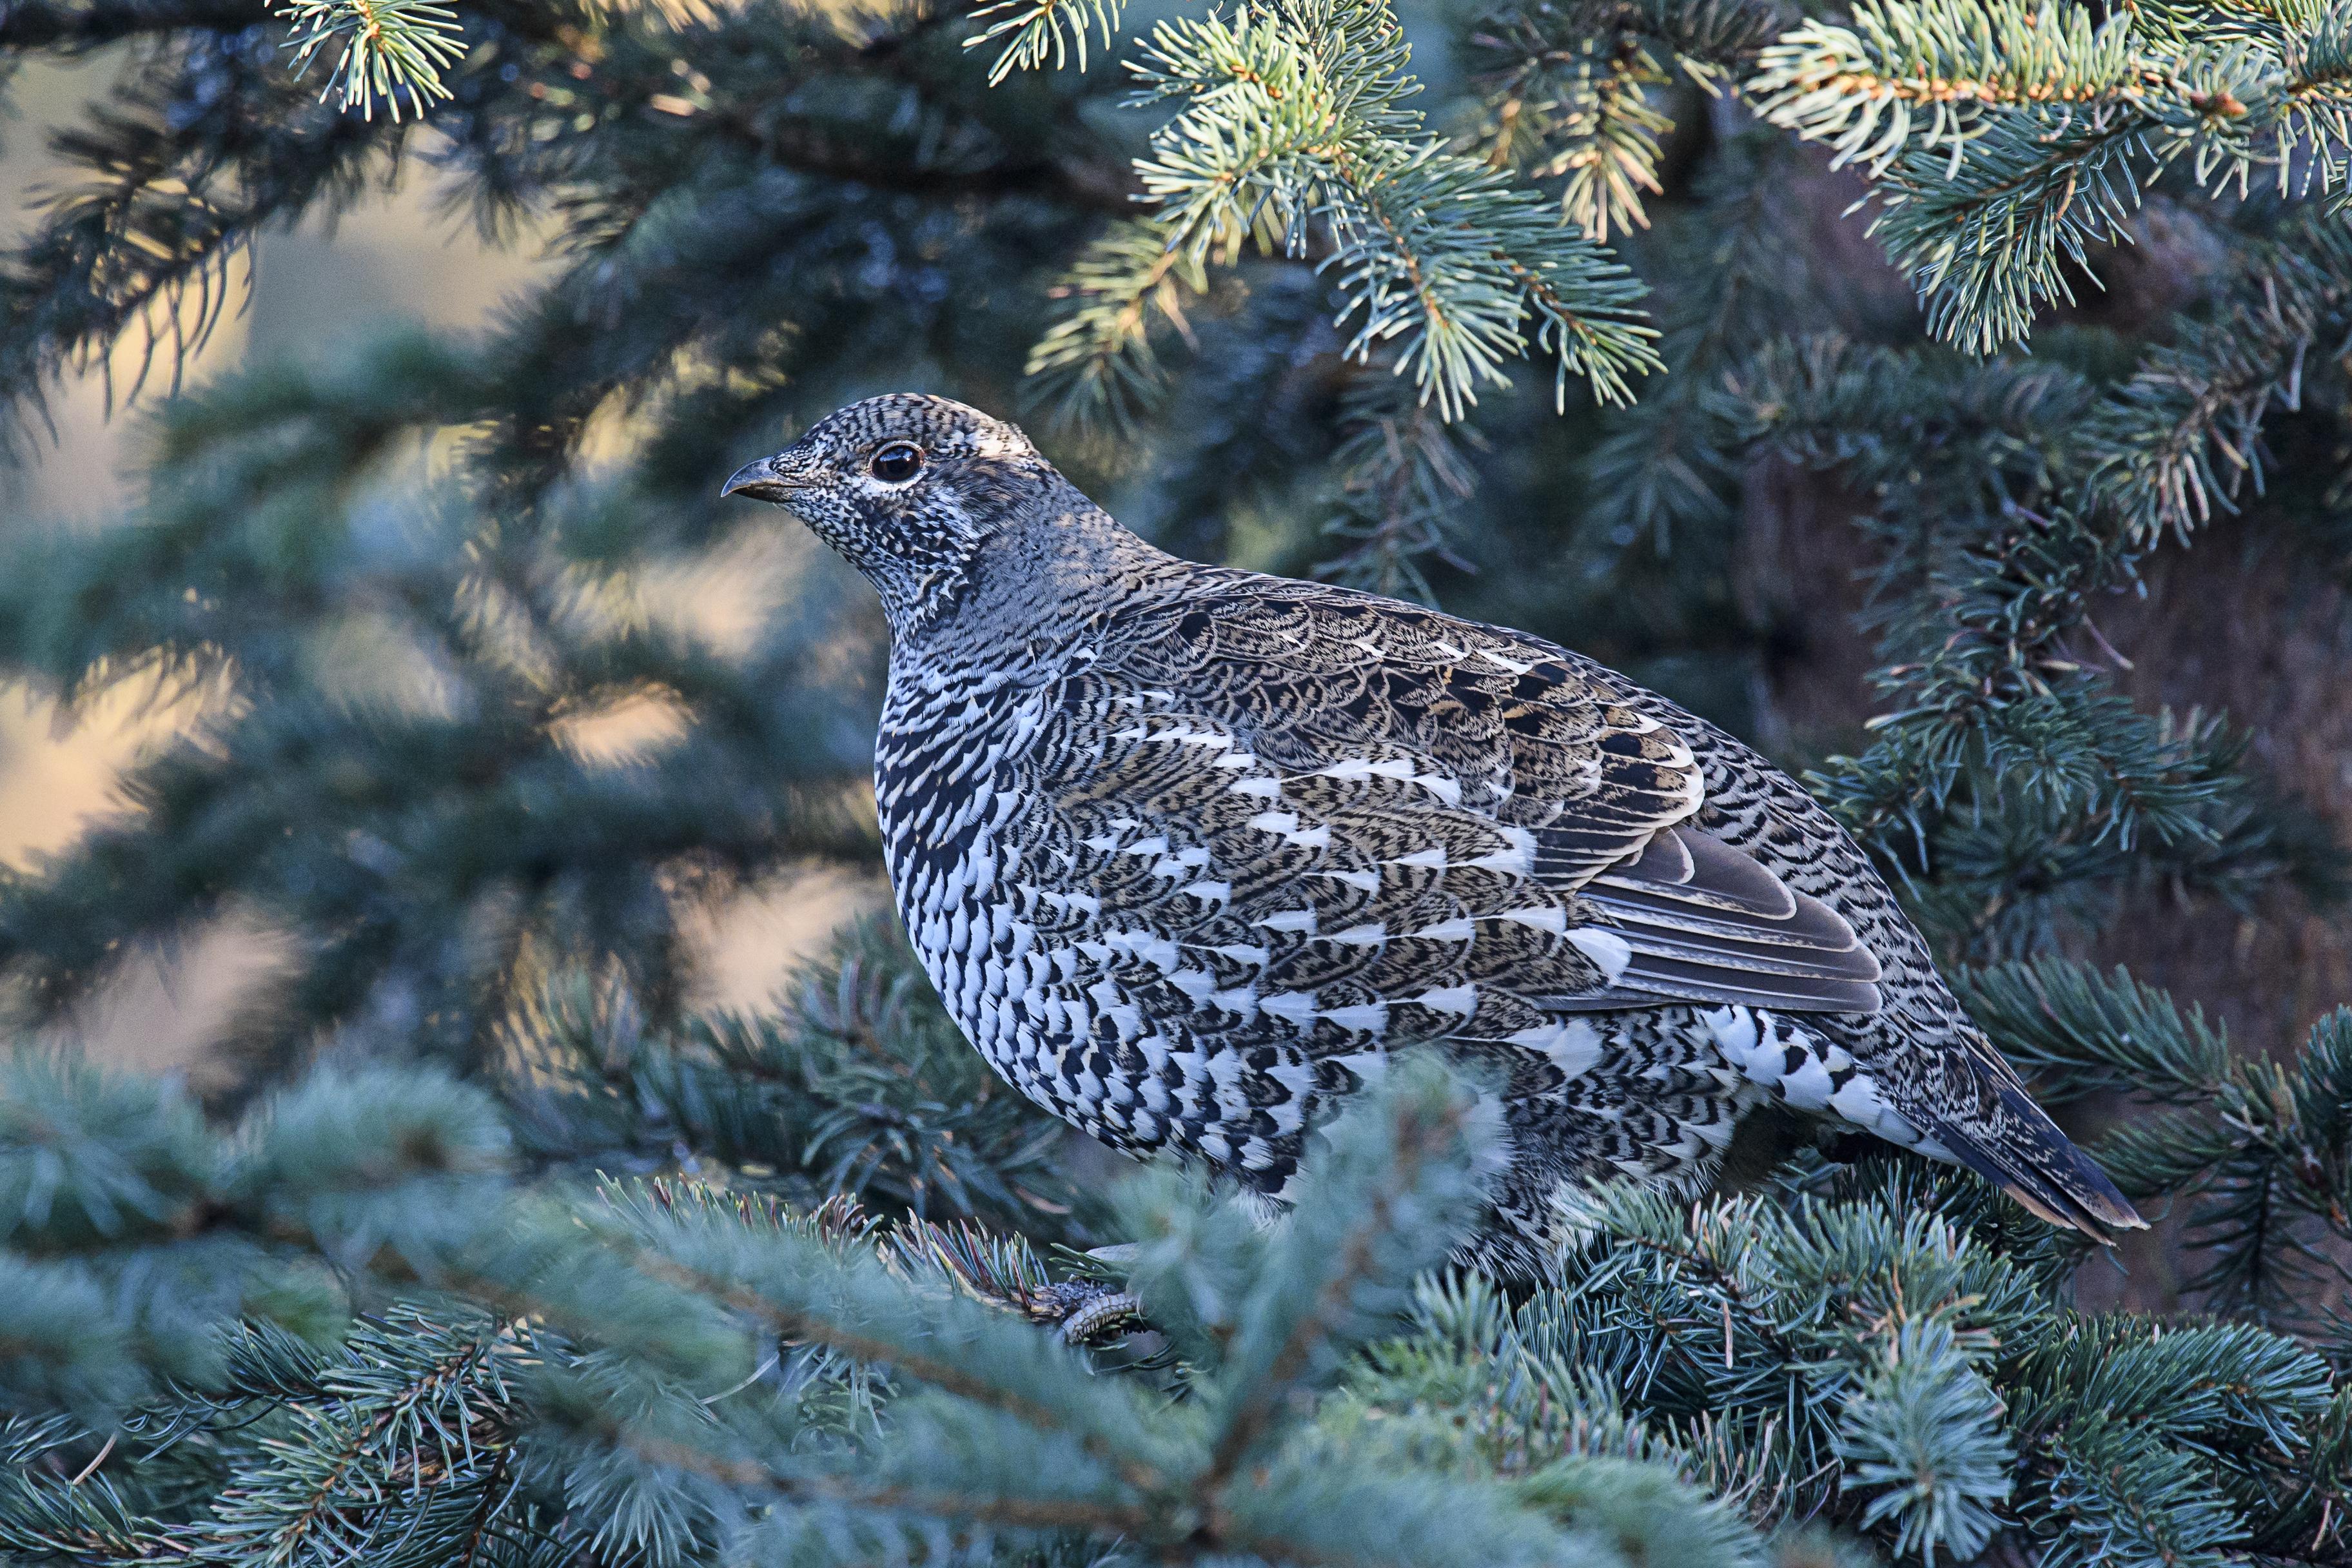 spruce-grouse-female